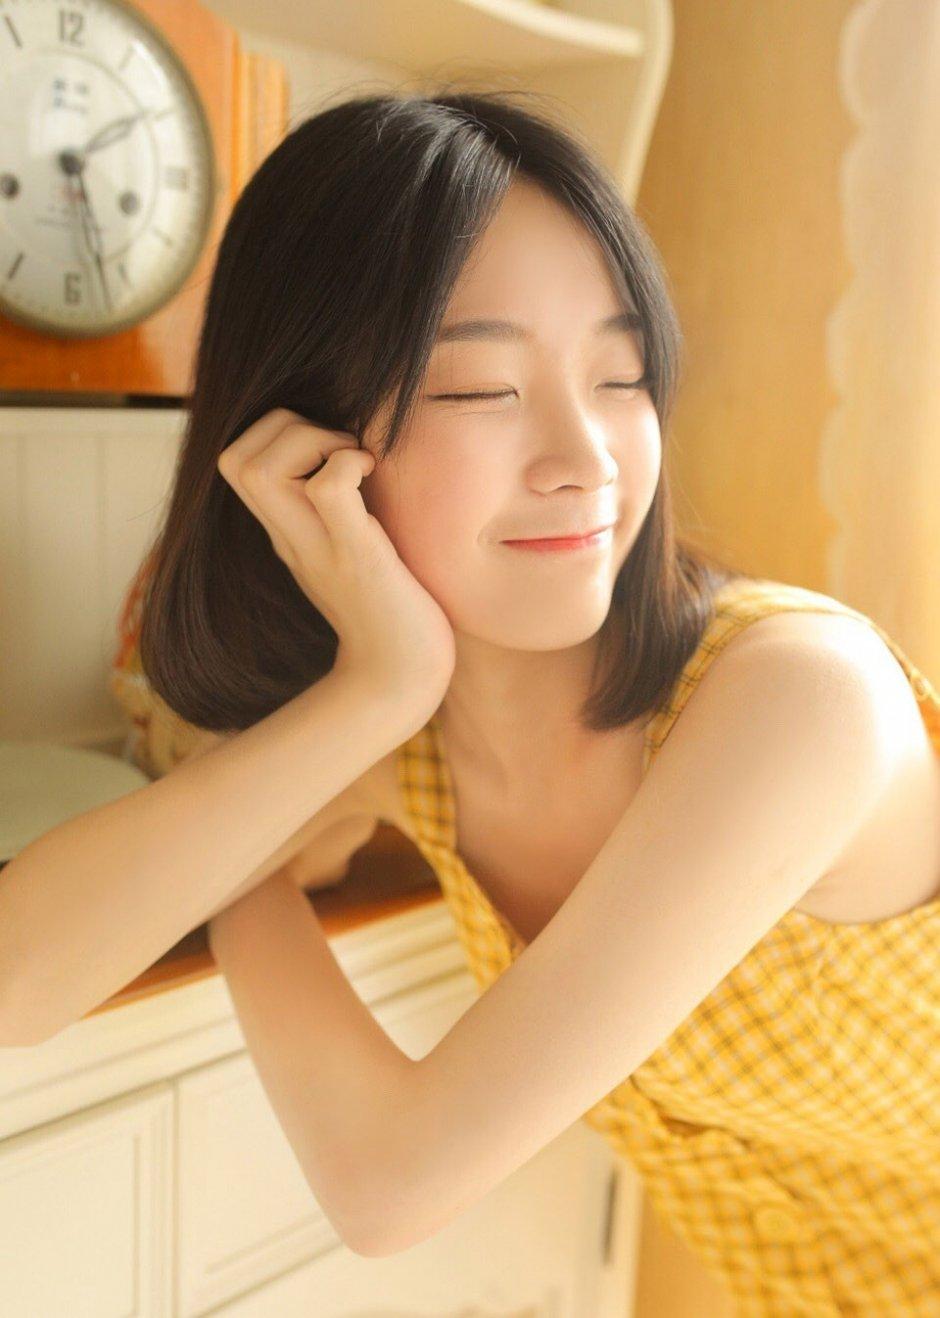 甜美女孩清纯可人图片